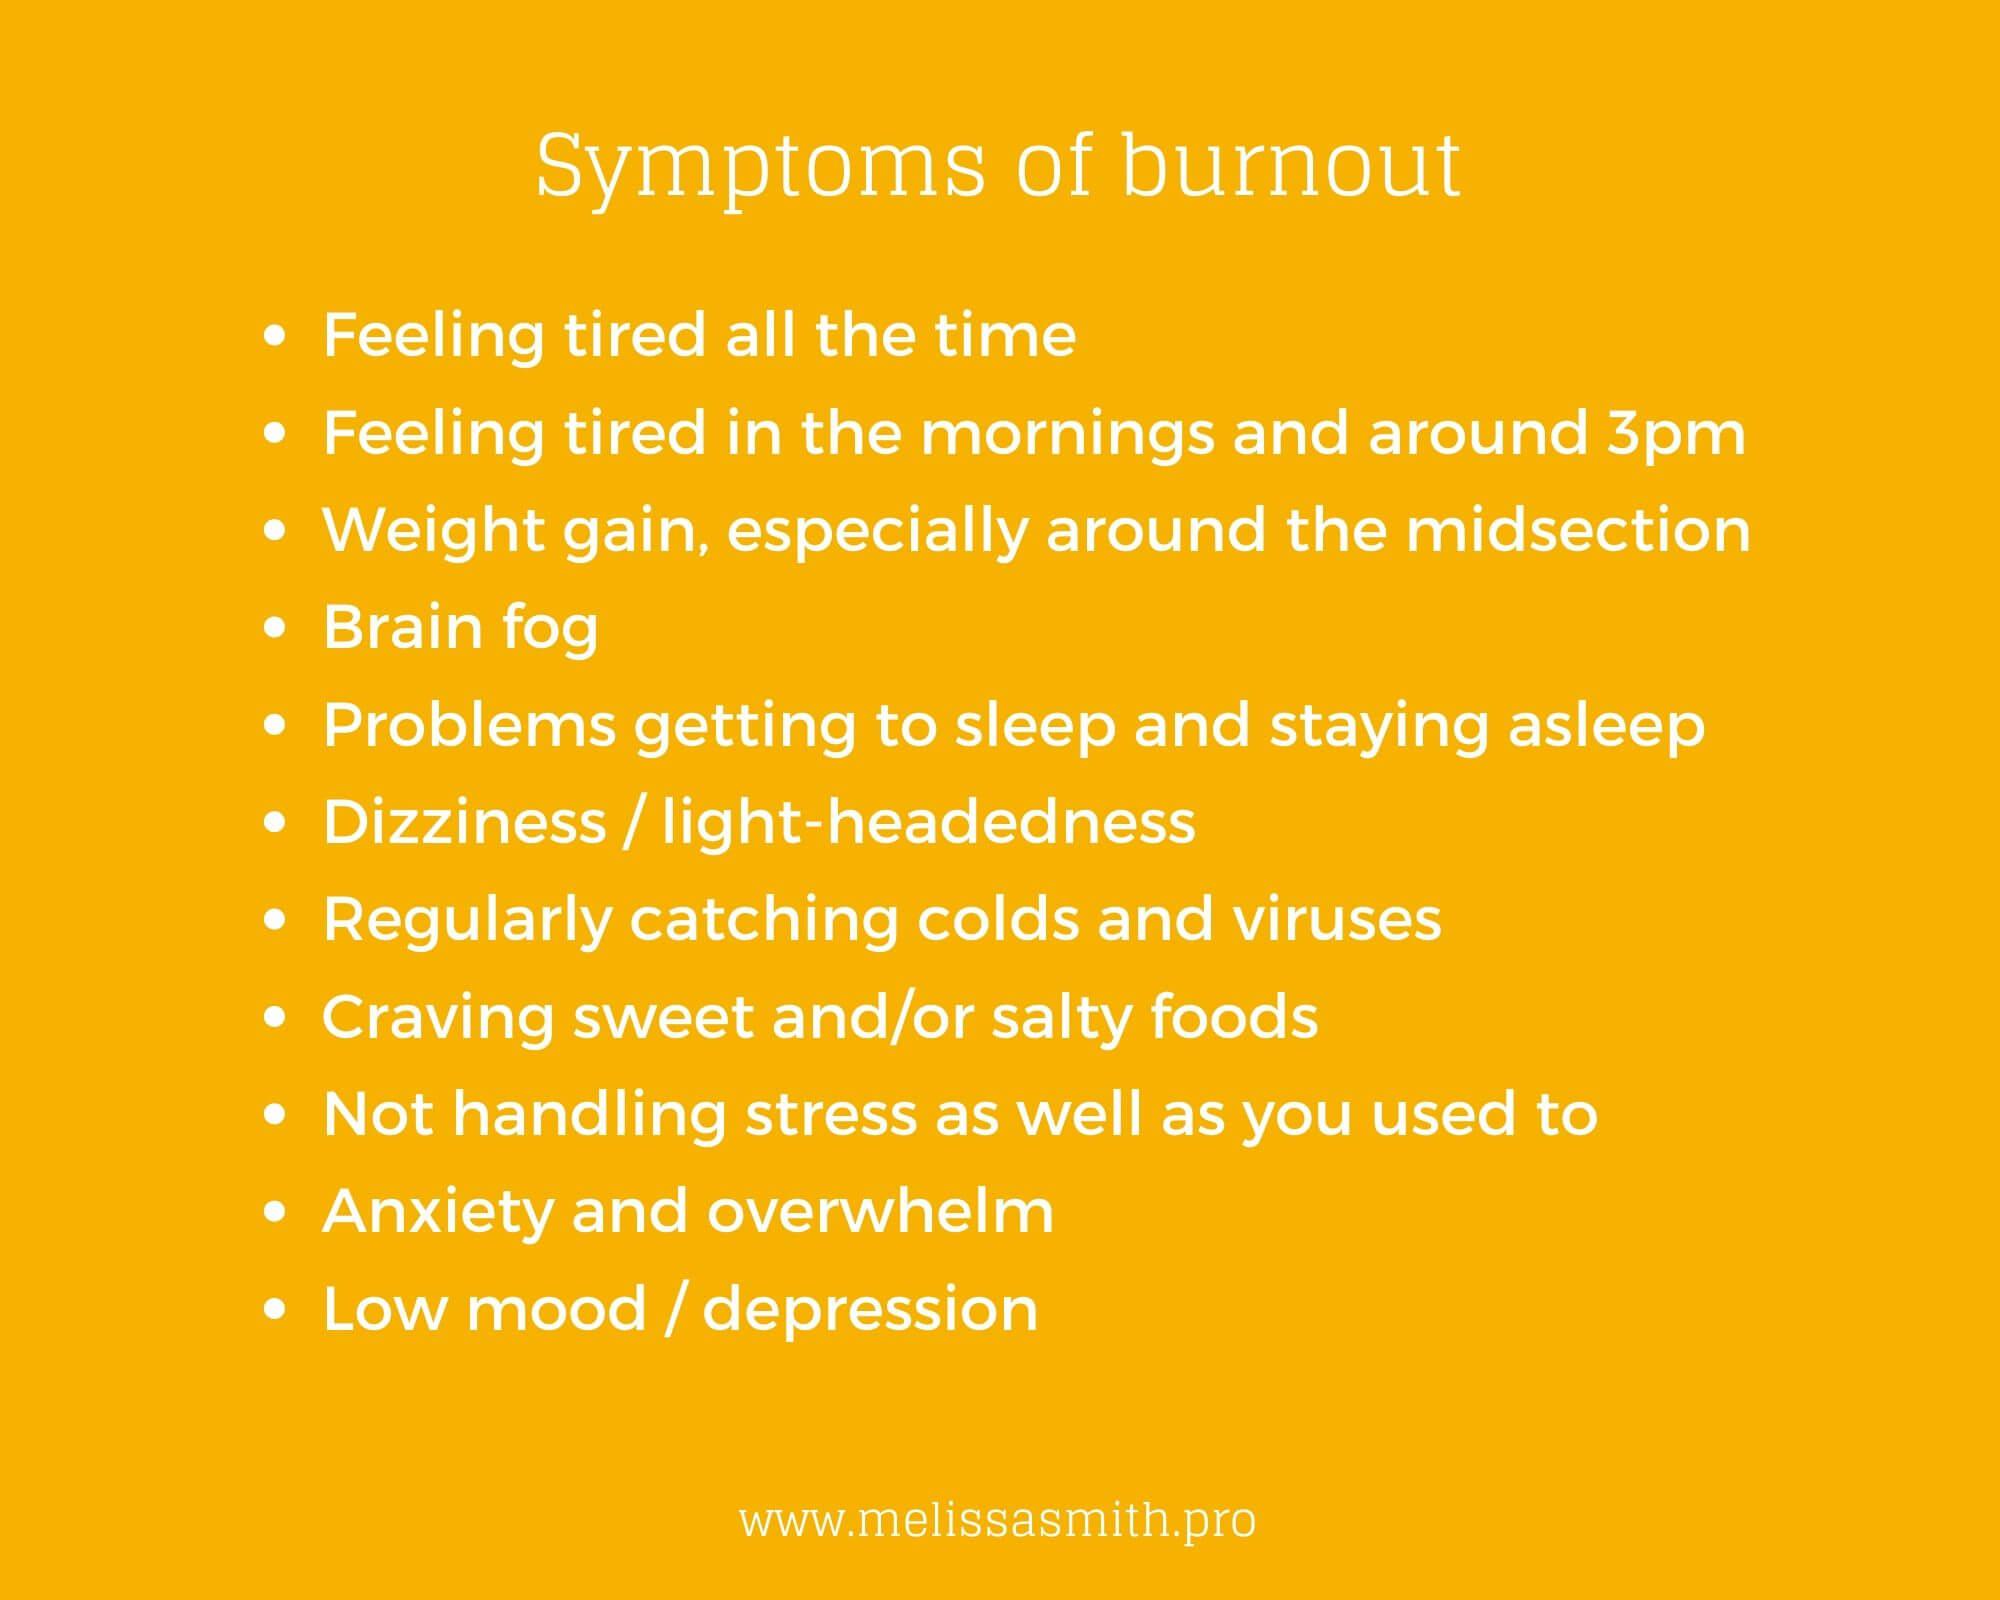 burnout symptoms list